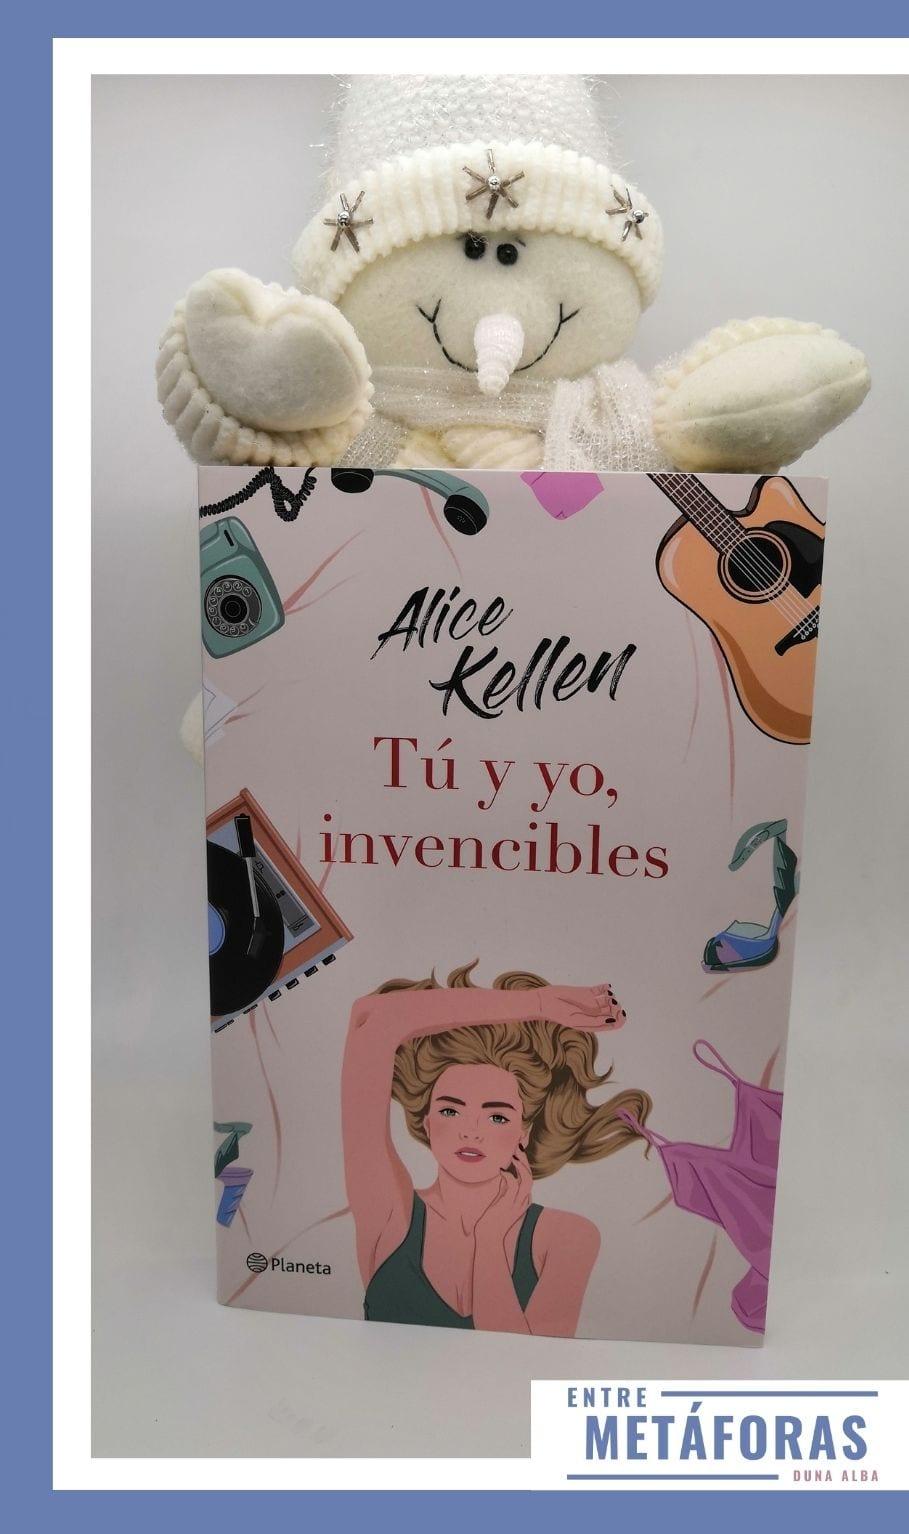 Tú y yo, invencibles - de Alice Kellen